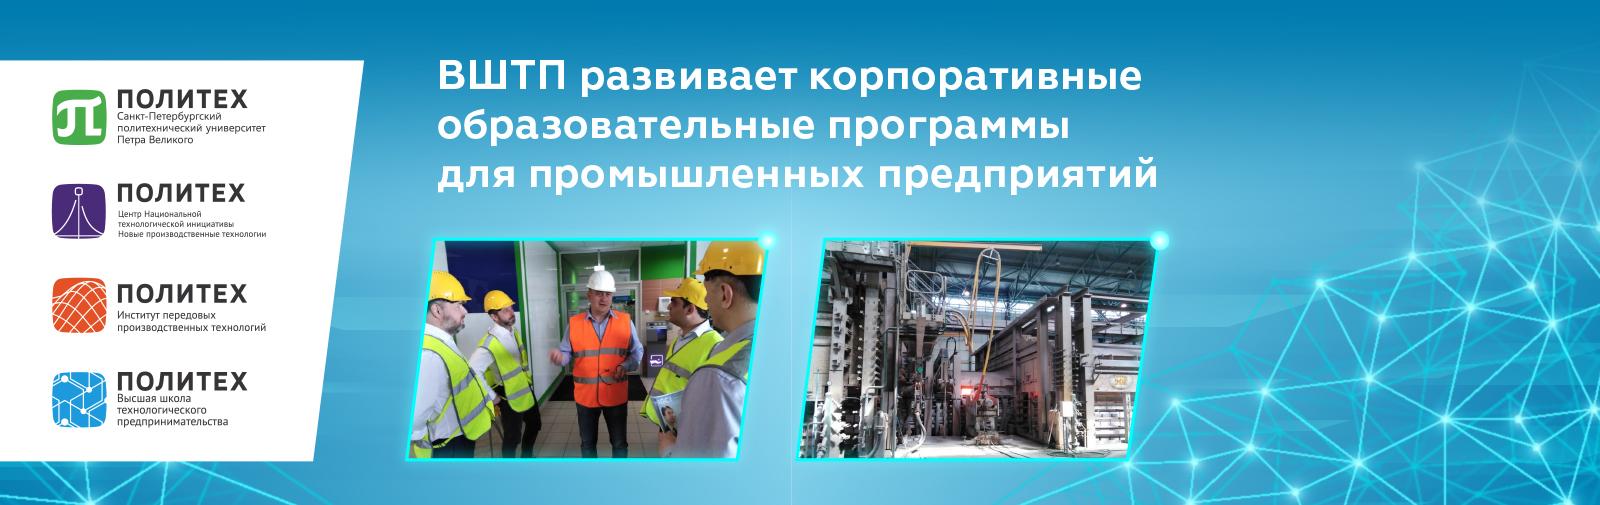 ВШТП развивает корпоративные образовательные программы для промышленных предприятий